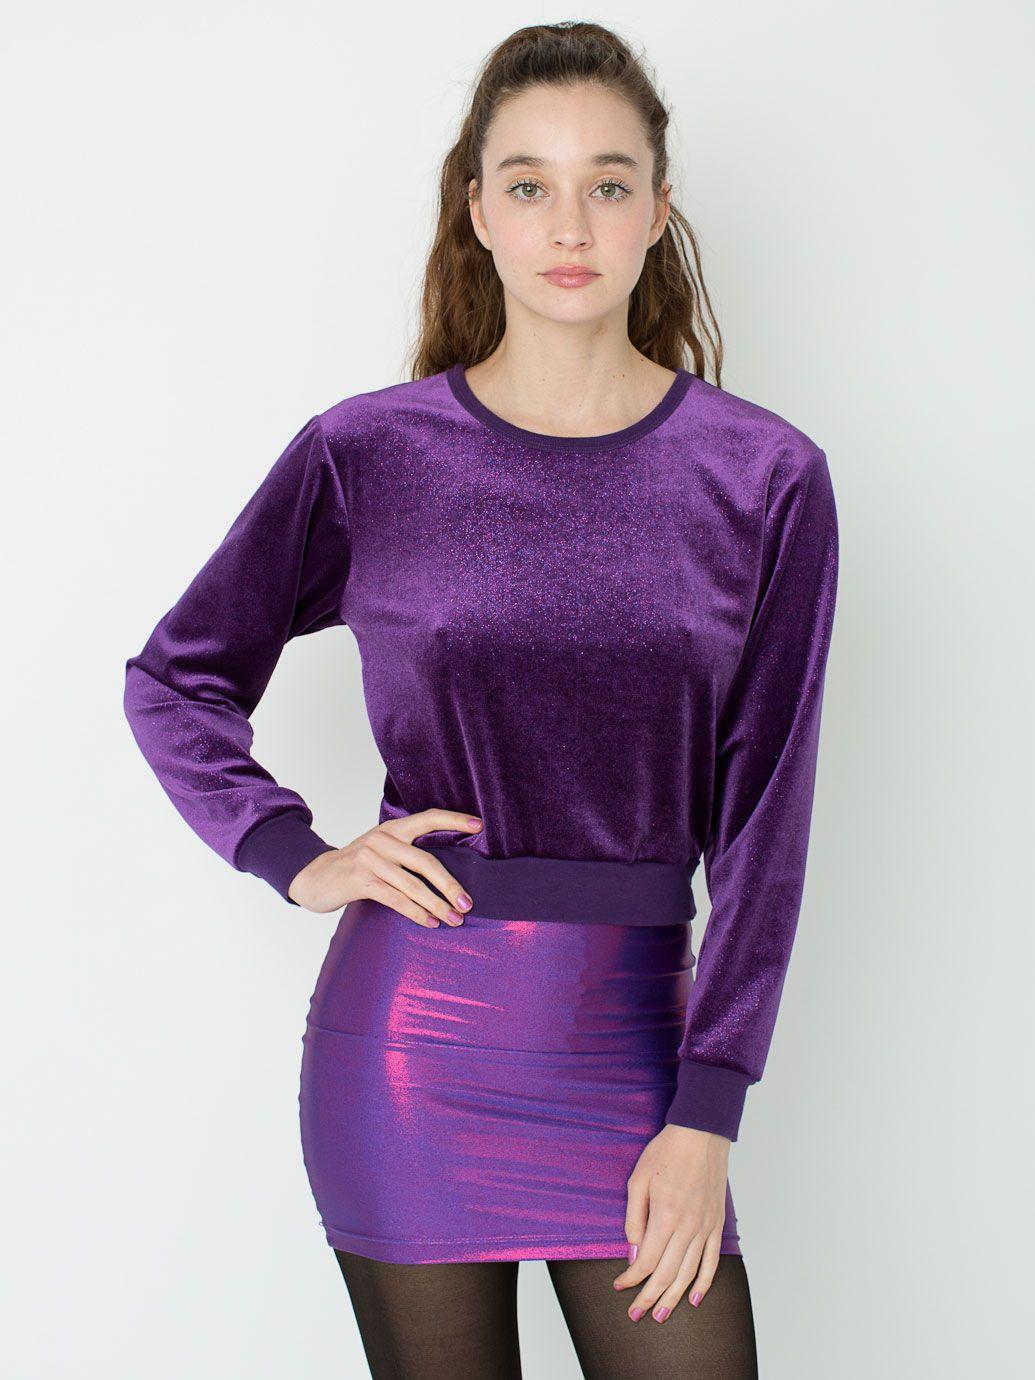 Velvet Sweater American Apparel 26